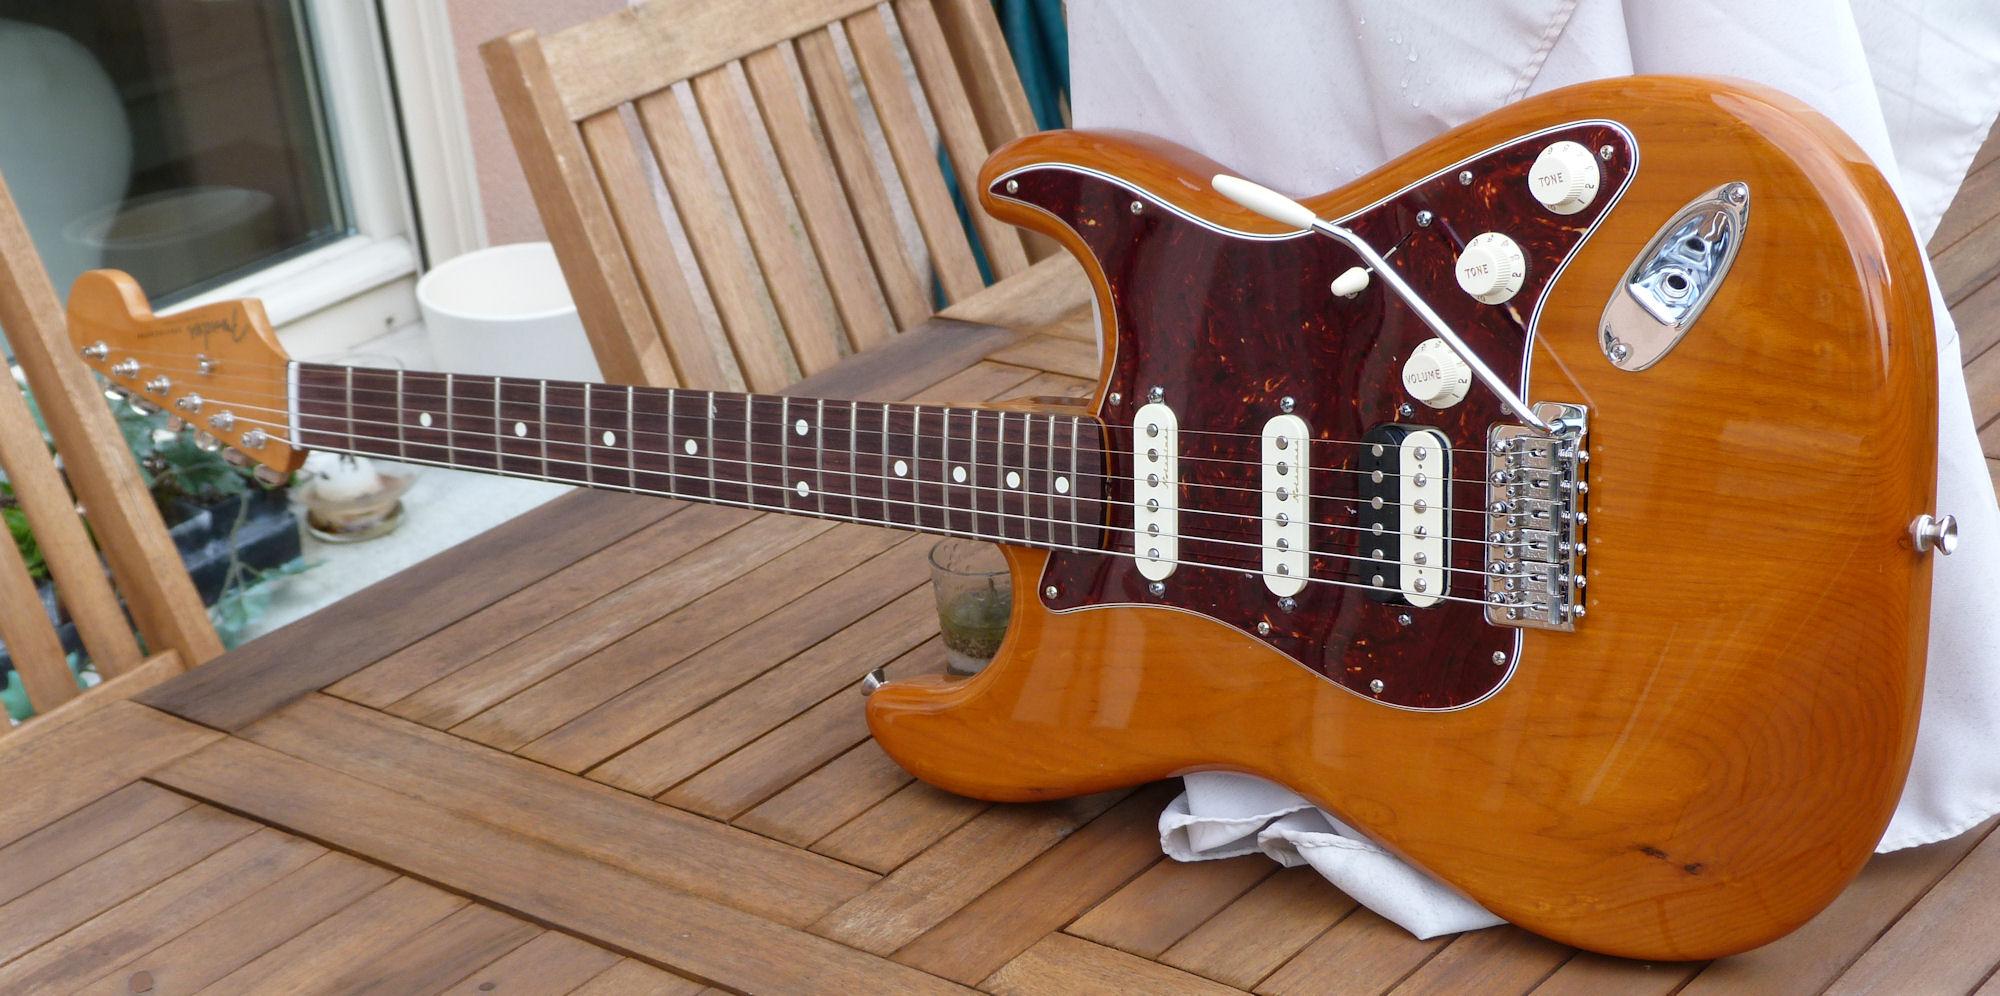 Berühmt Fender Tbx Verdrahtungsschema Bilder - Elektrische ...